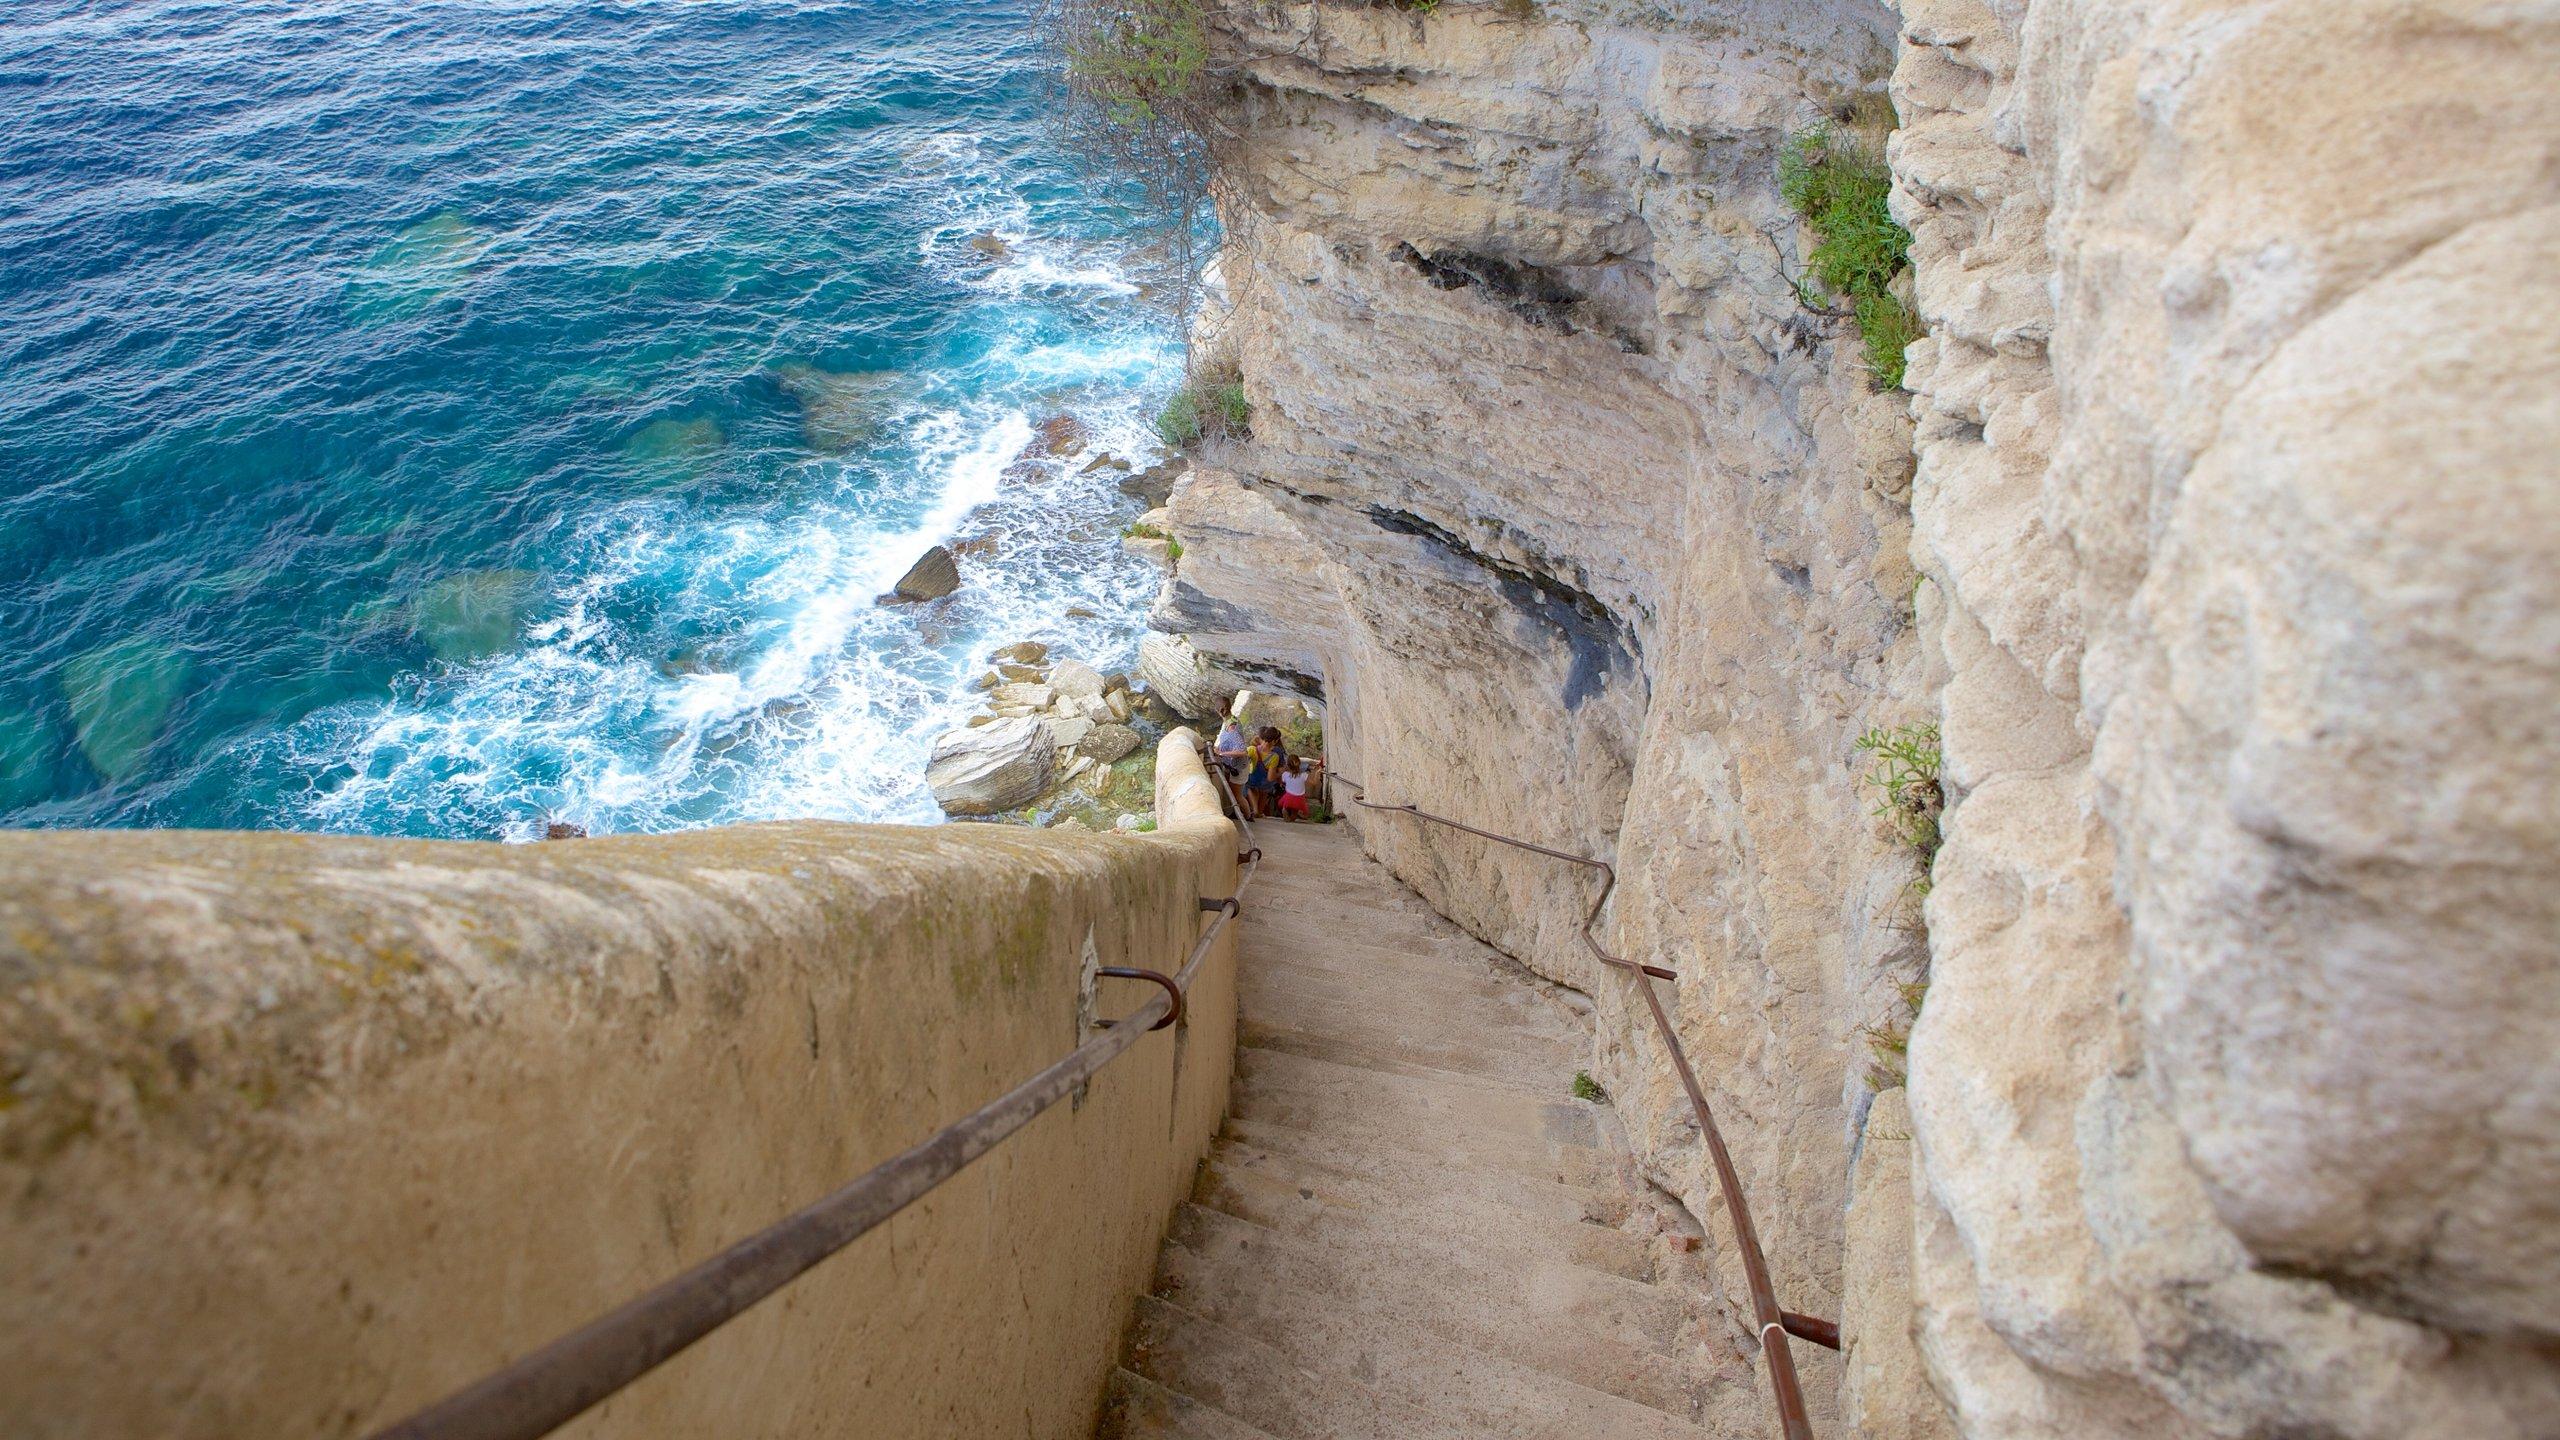 Escalier du Roi d'Aragon, Bonifacio, Corse-du-Sud, France